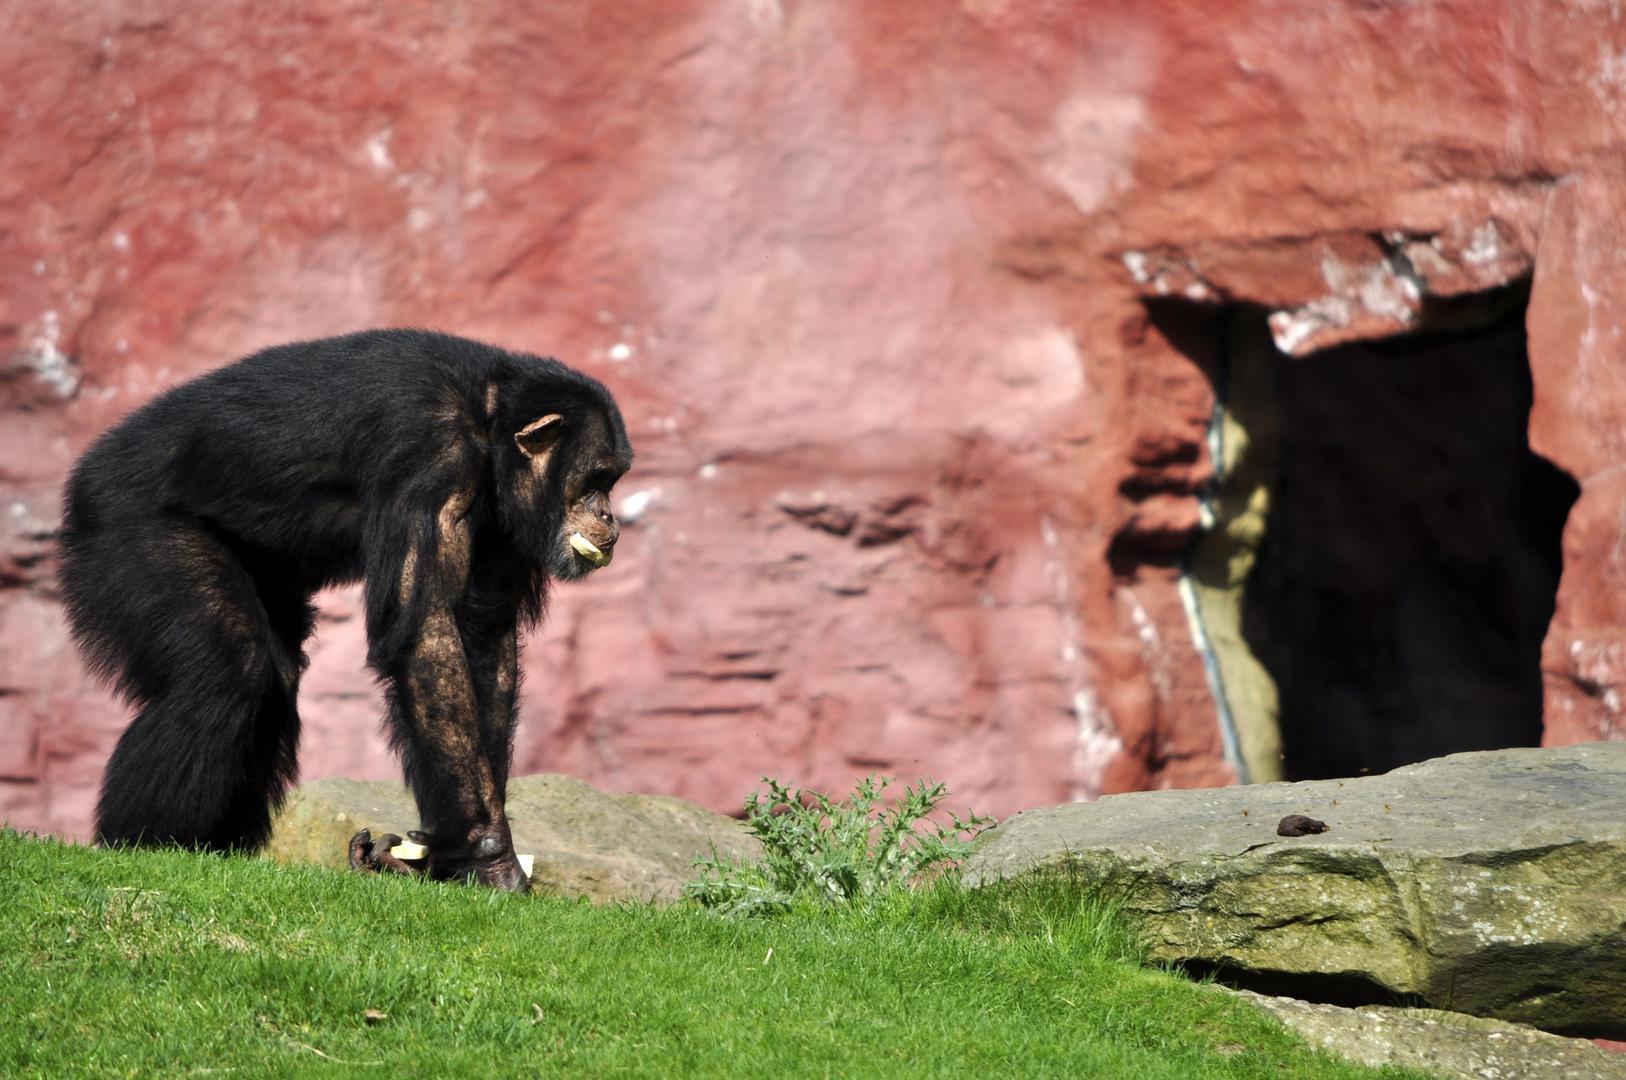 Schimpanse sichert seine Beute